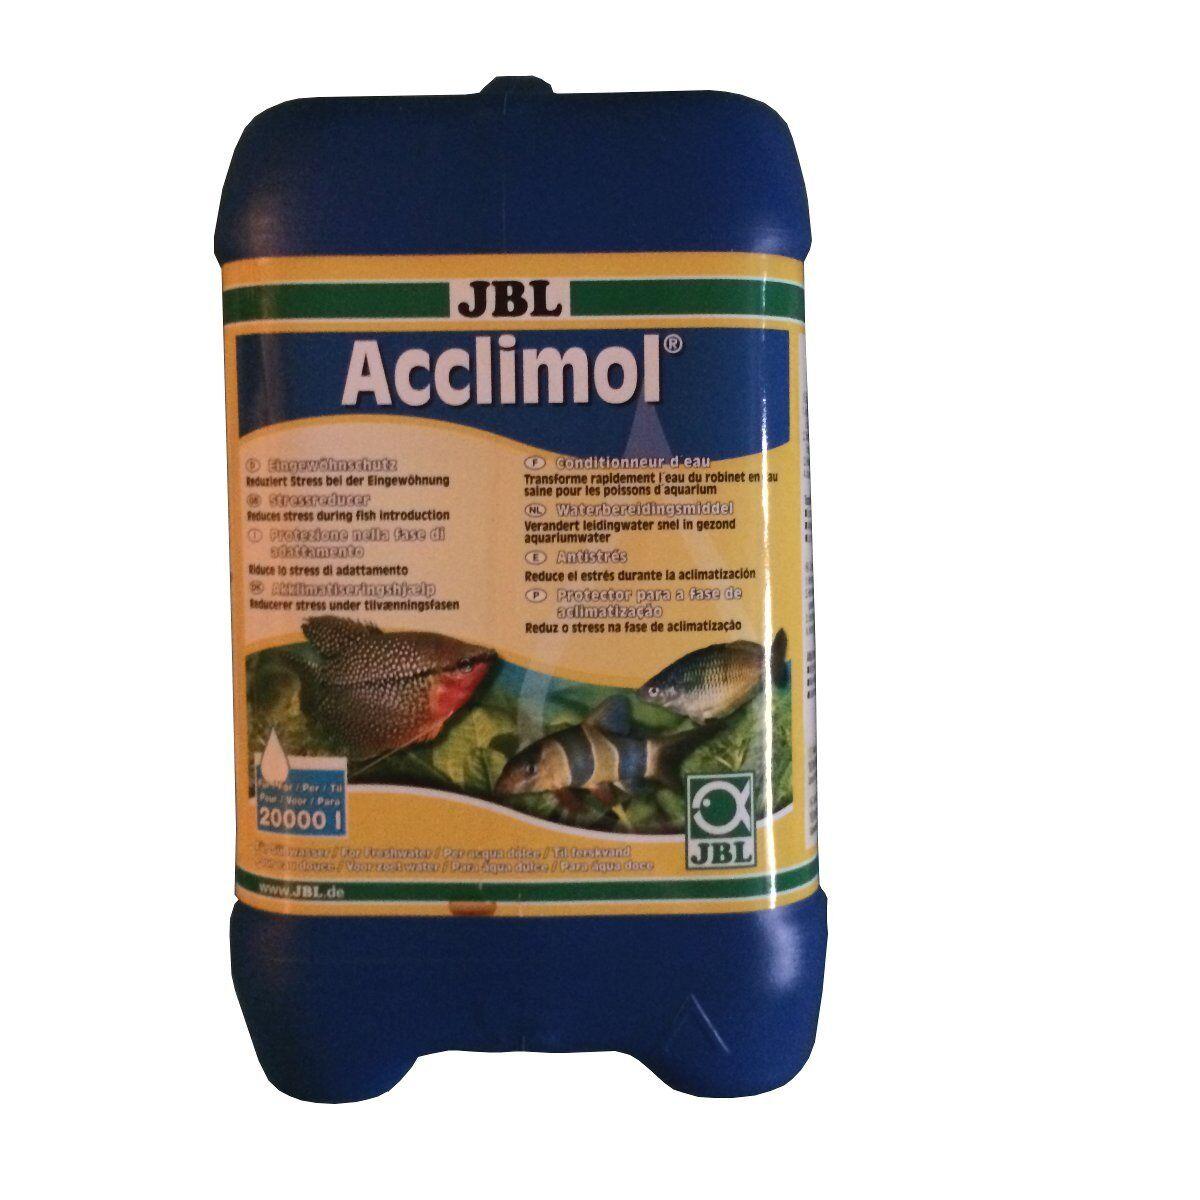 JBL Acclimol 5000 reduziert Stress in caso di Eingewöhnung Nuovo Pesci